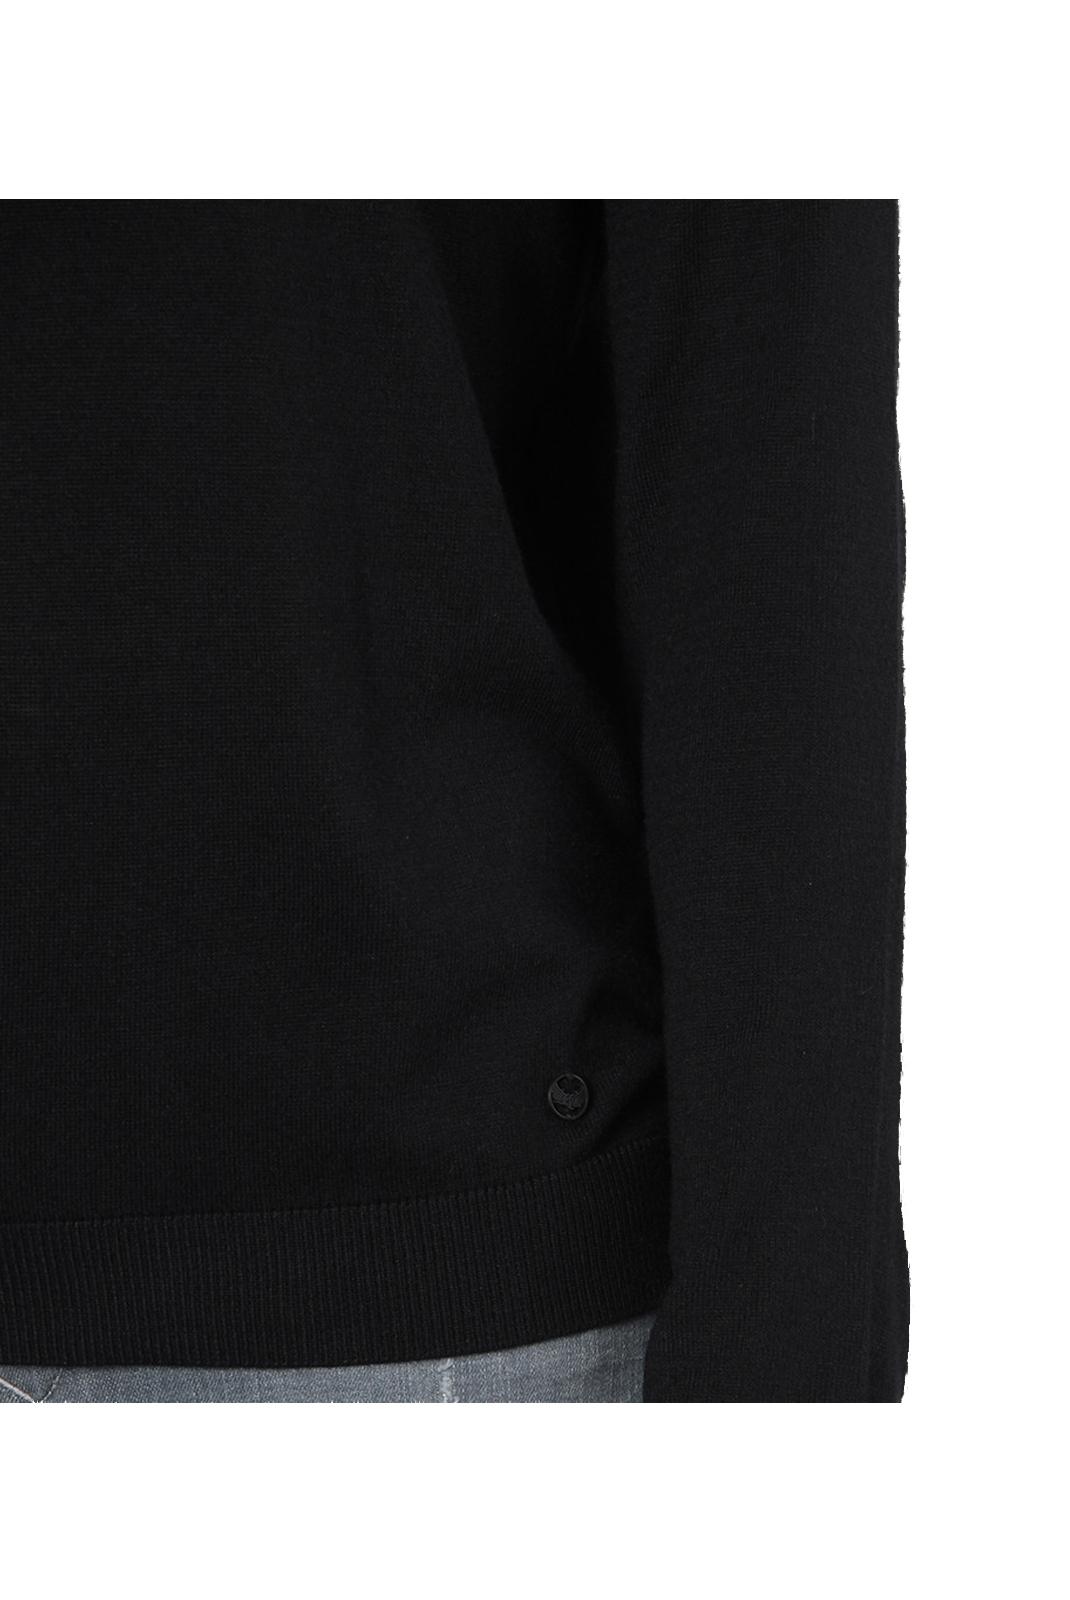 Pull  Kaporal BAFI BLACK